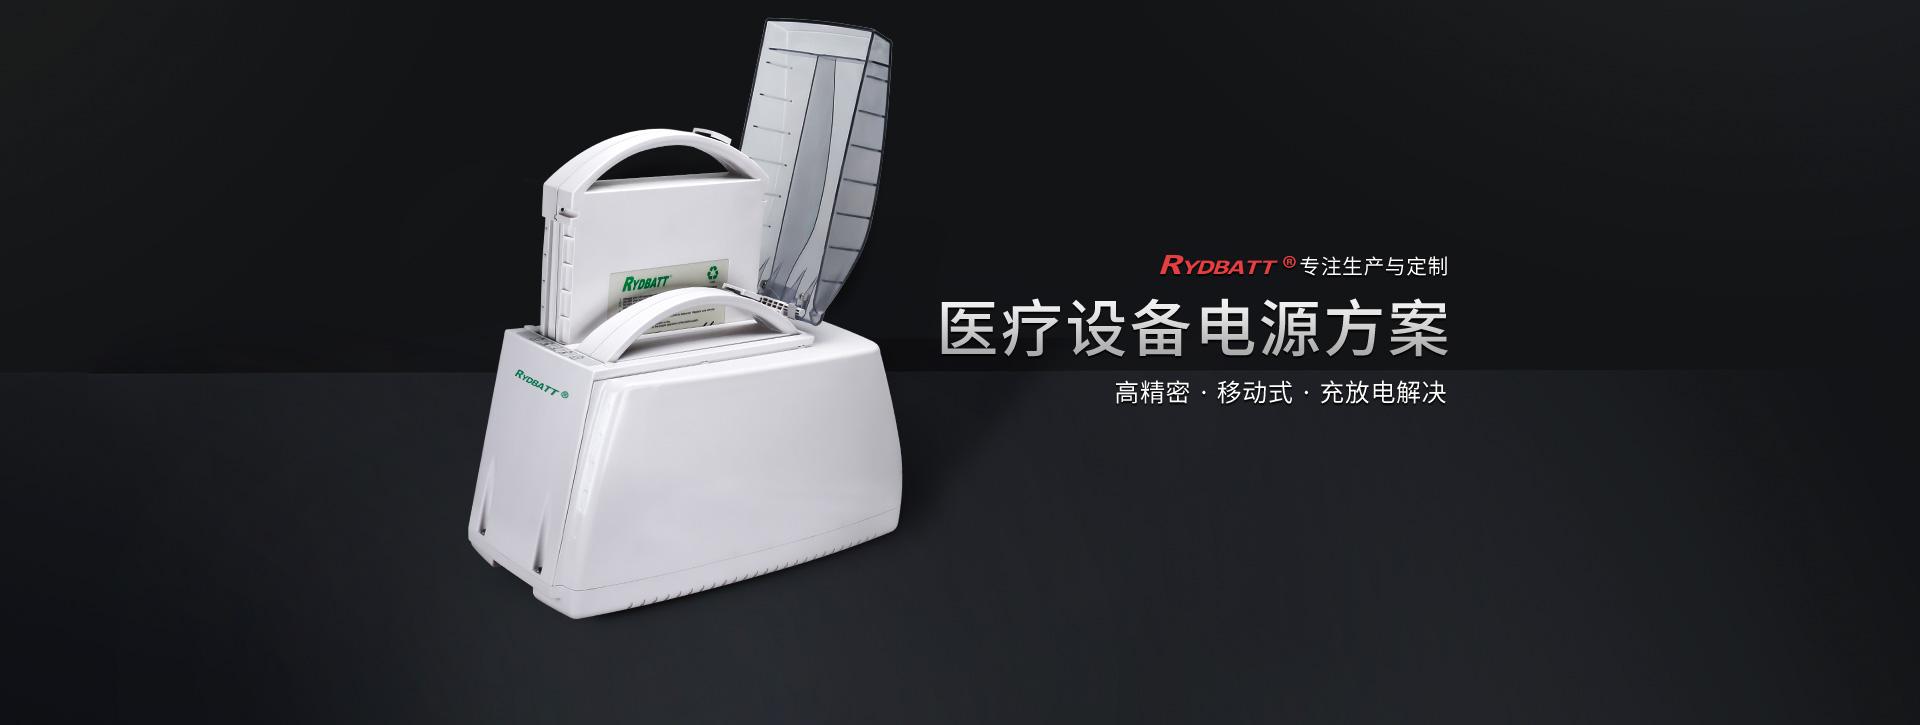 https://www.rydbatt.com/Product/535.html